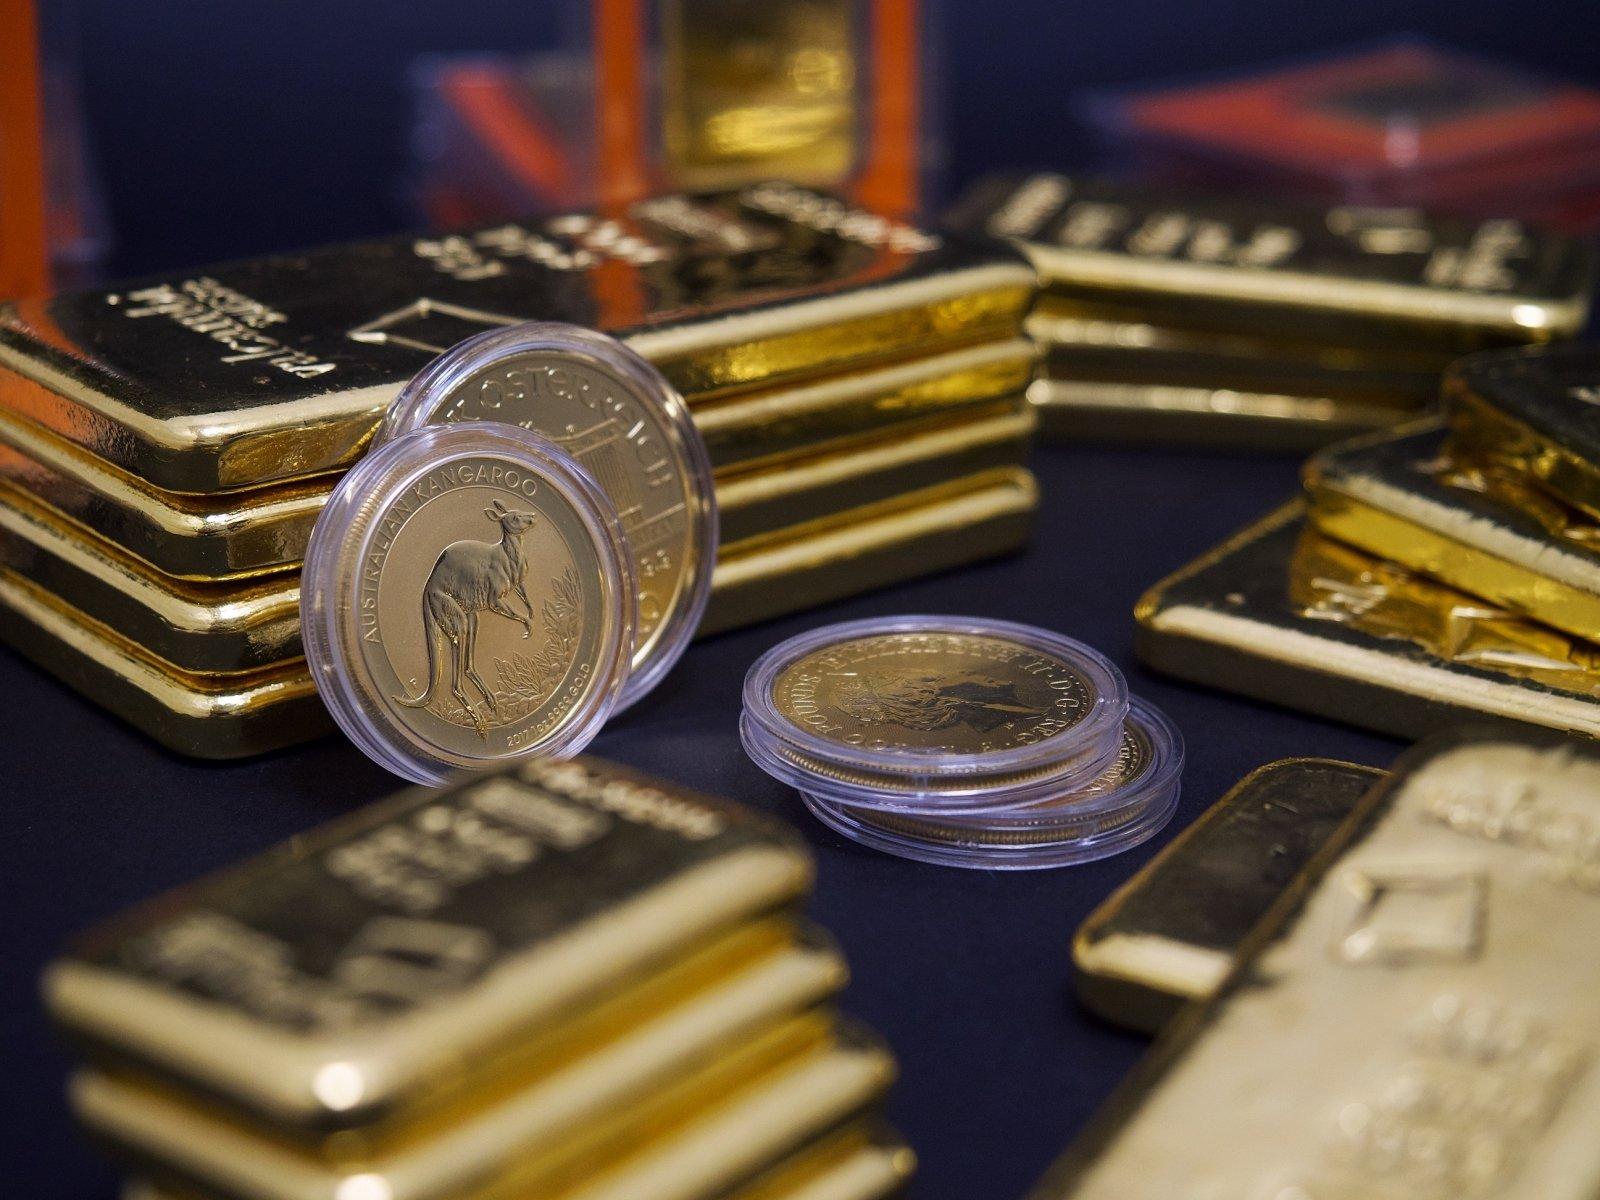 prekybos auksu signalai